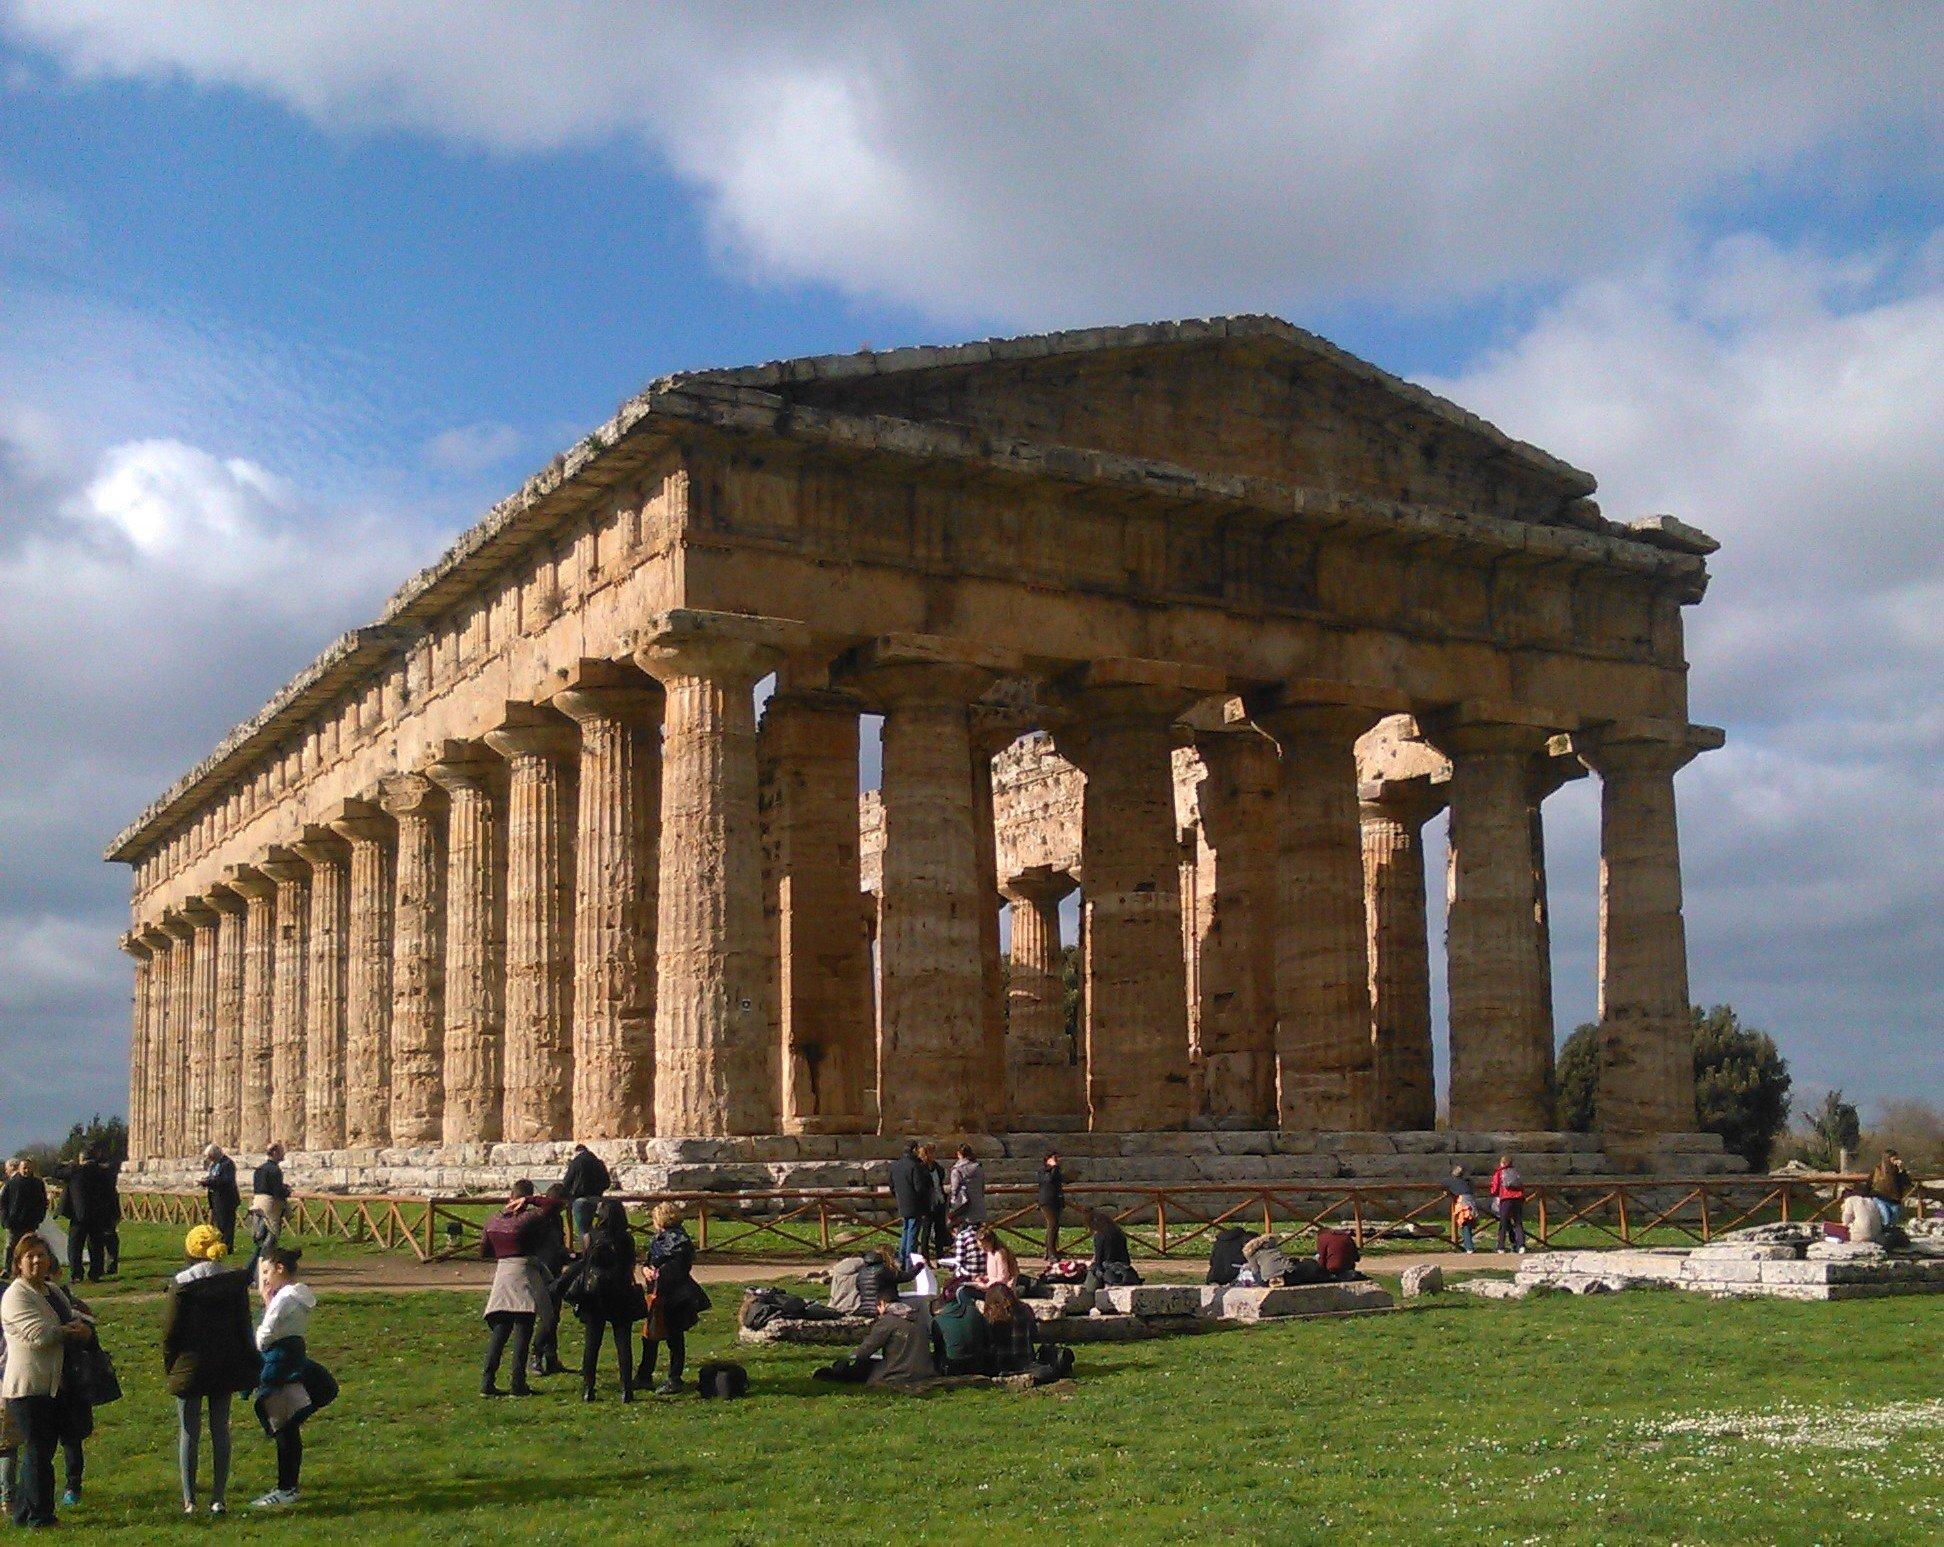 A Pasqua il Tempio di Nettuno sarà aperto ai visitatori